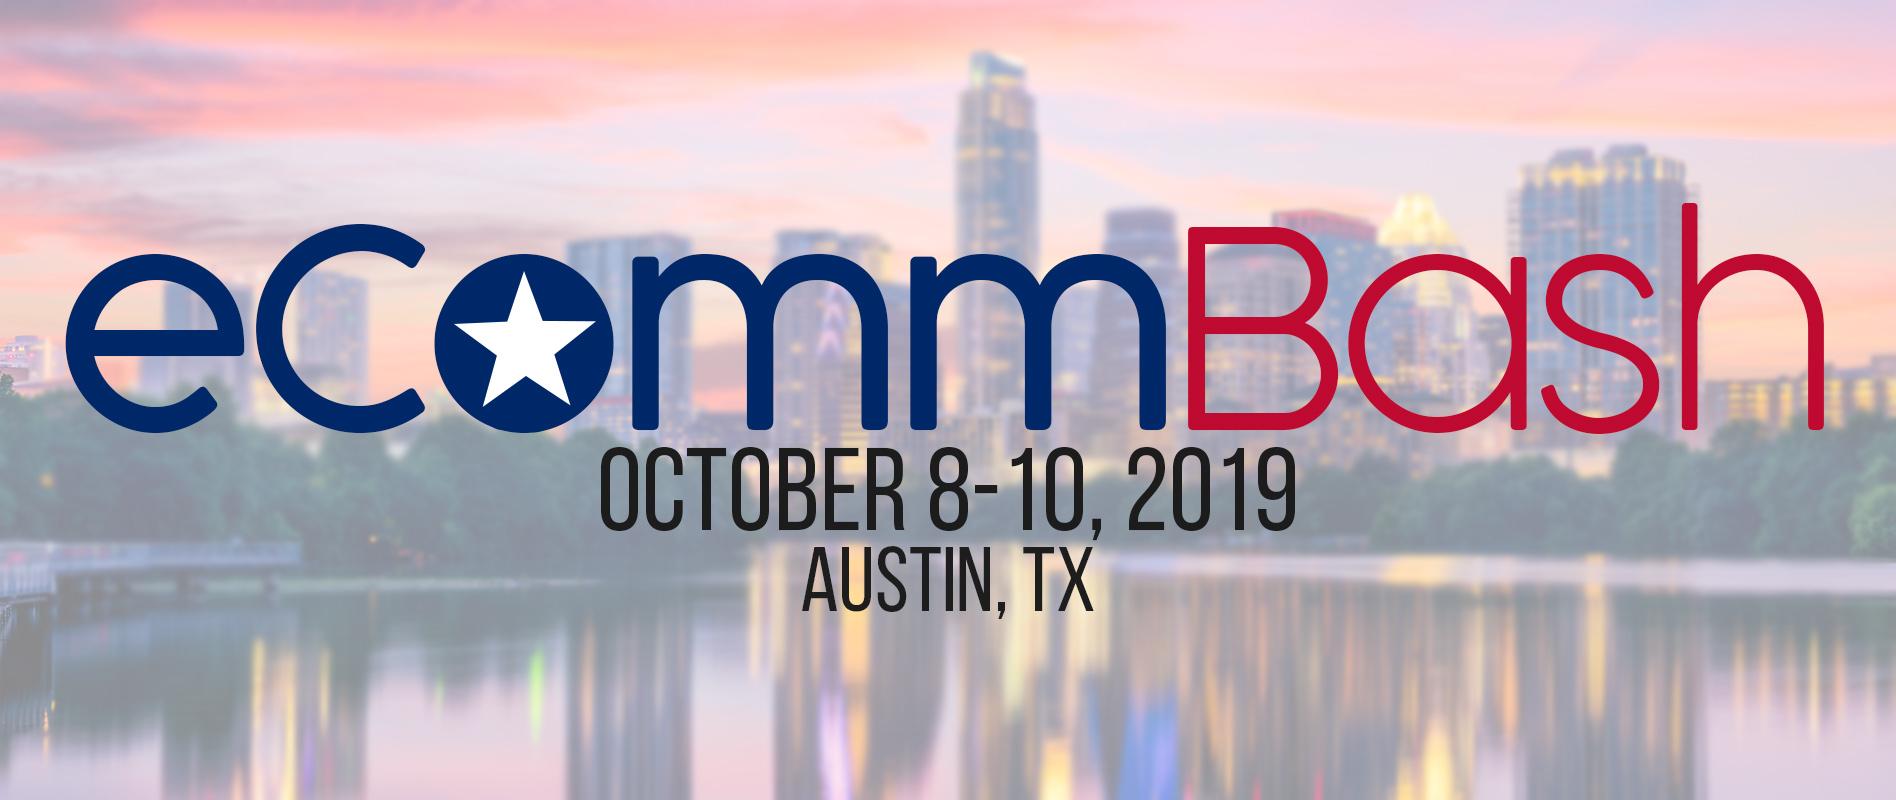 eCommBash 2019 - eCommerce & Digital Marketing Conference